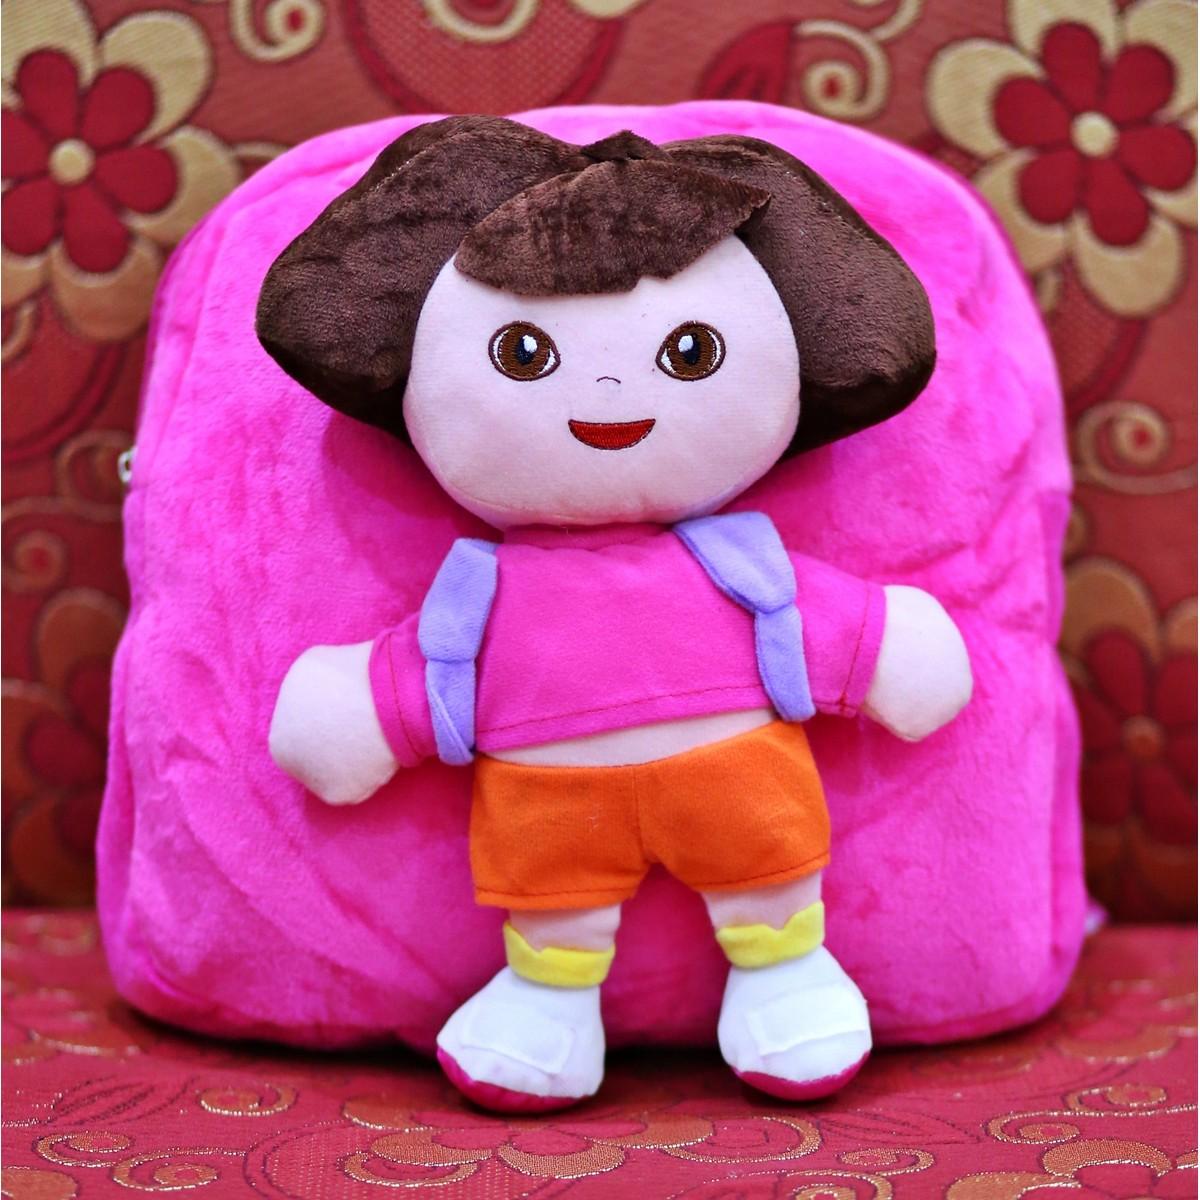 Dora Character Plush Backpacks School Bag Plush Toys Stuffed Doll Birthday Gift for Children Kids Toys